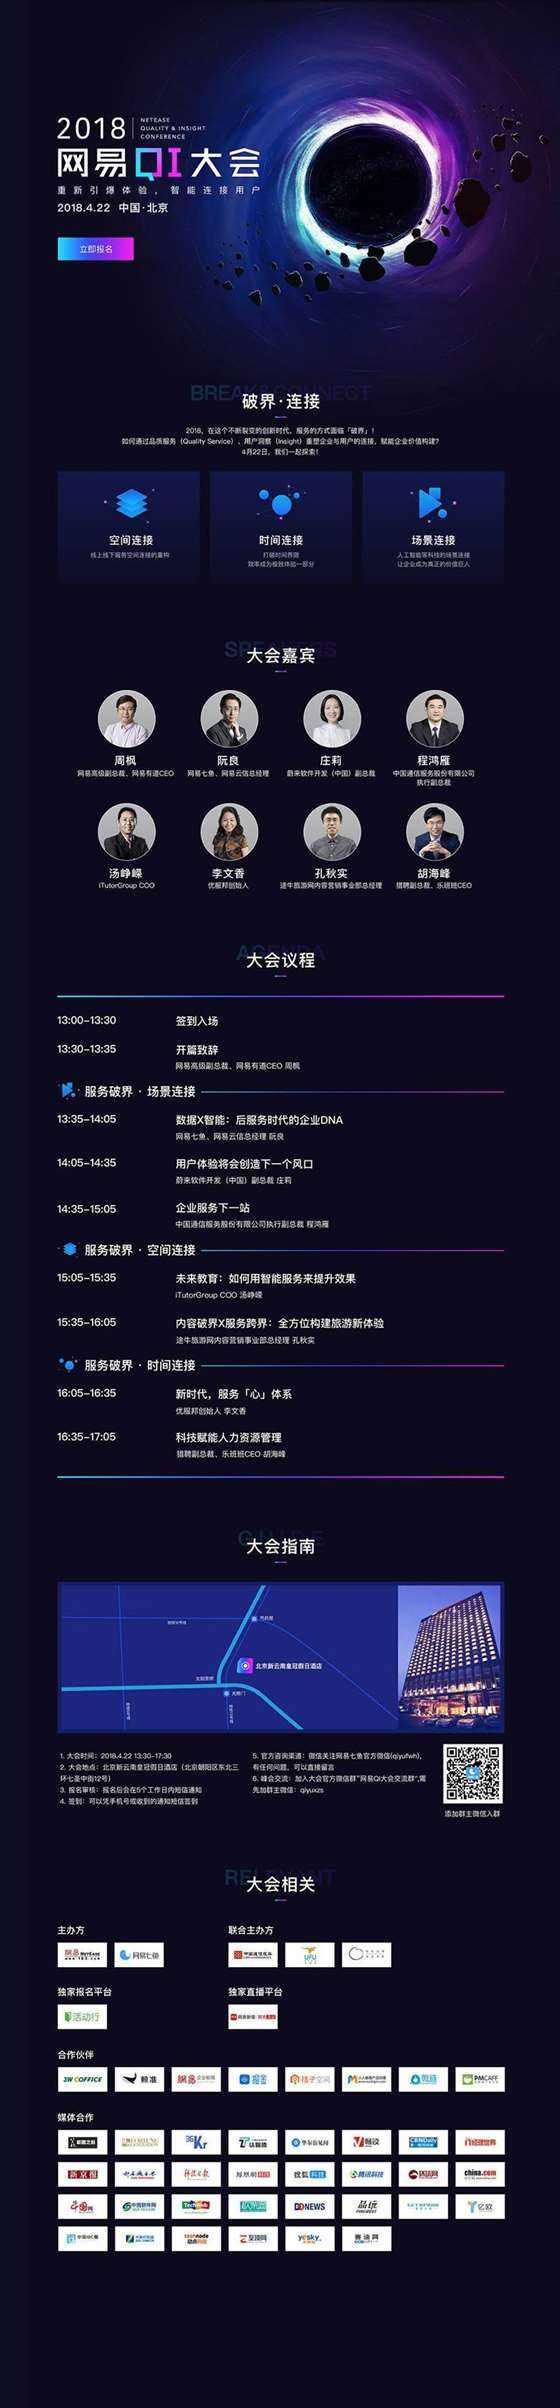 QI推广长图-1000-0327.jpg